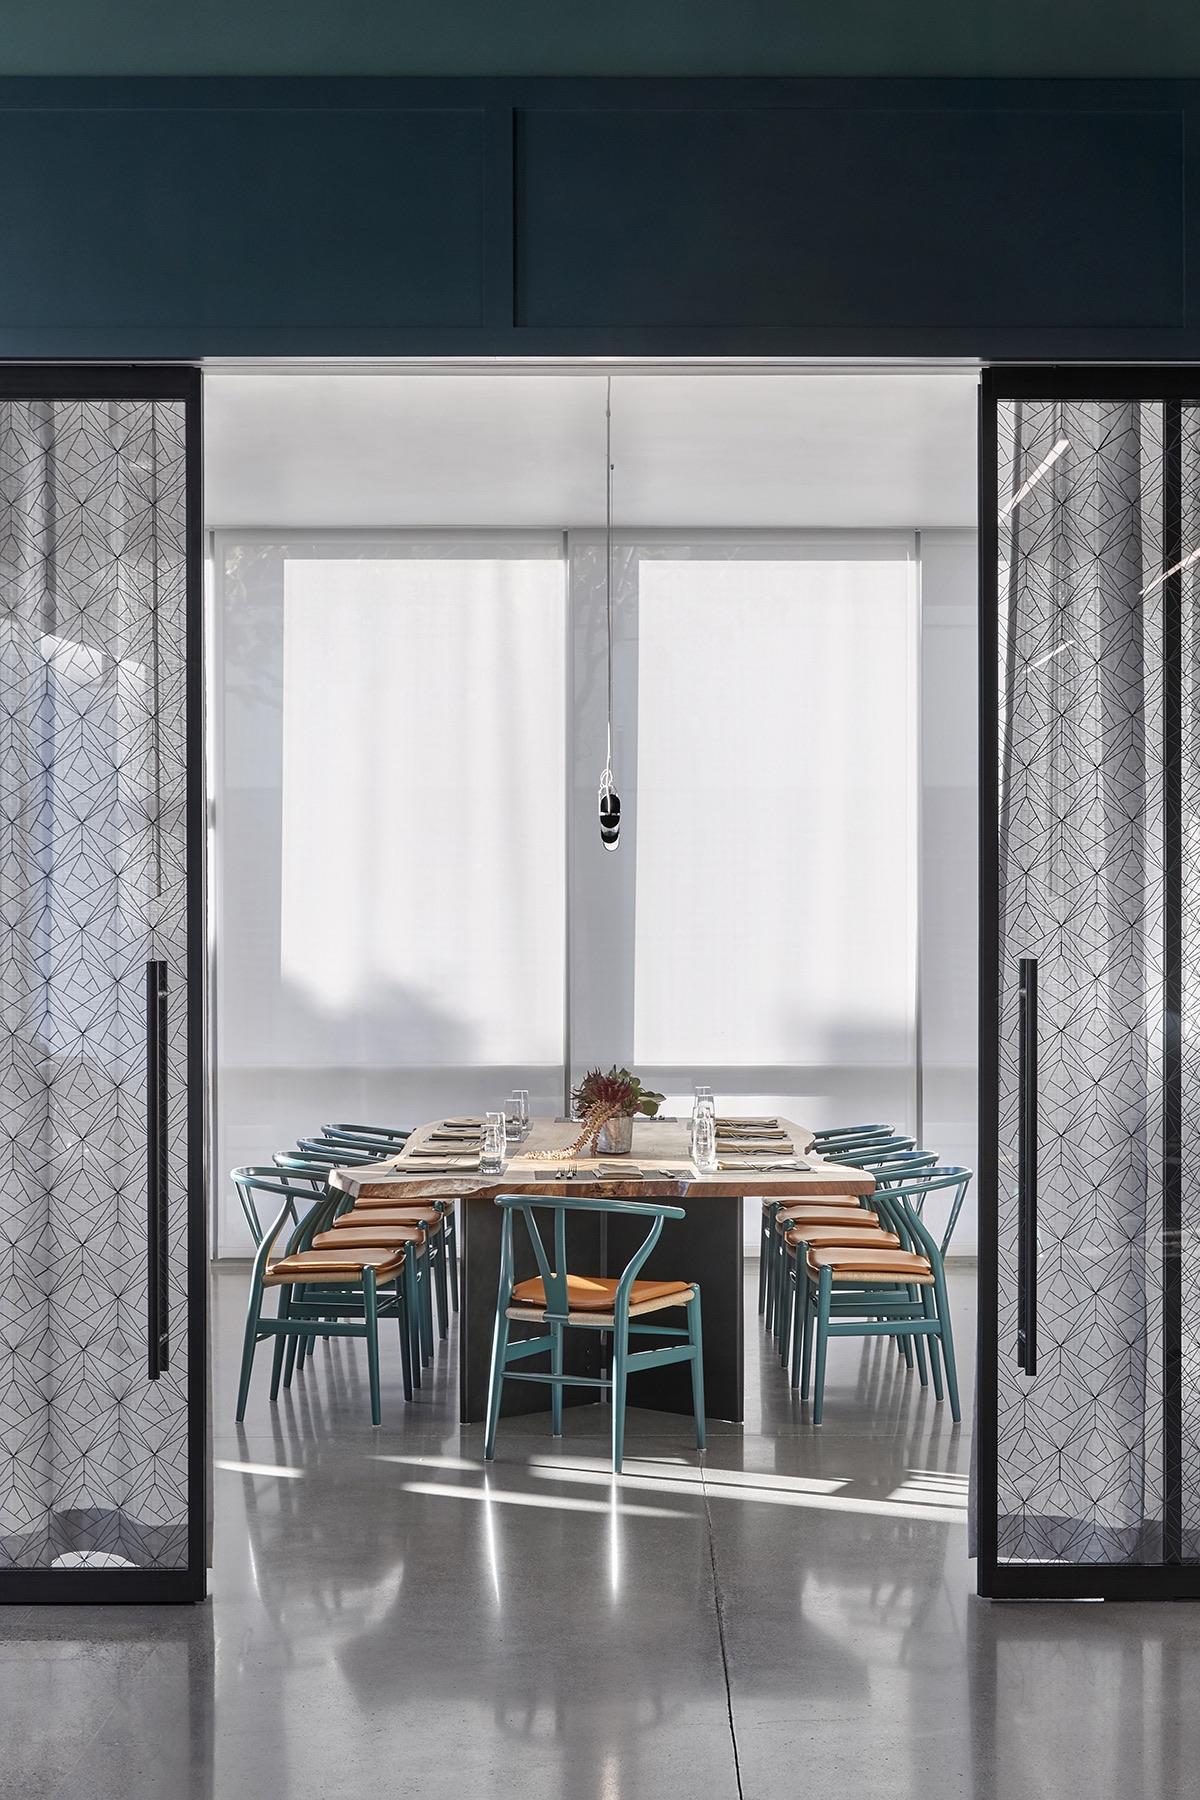 netapp-sunnyvale-office-11